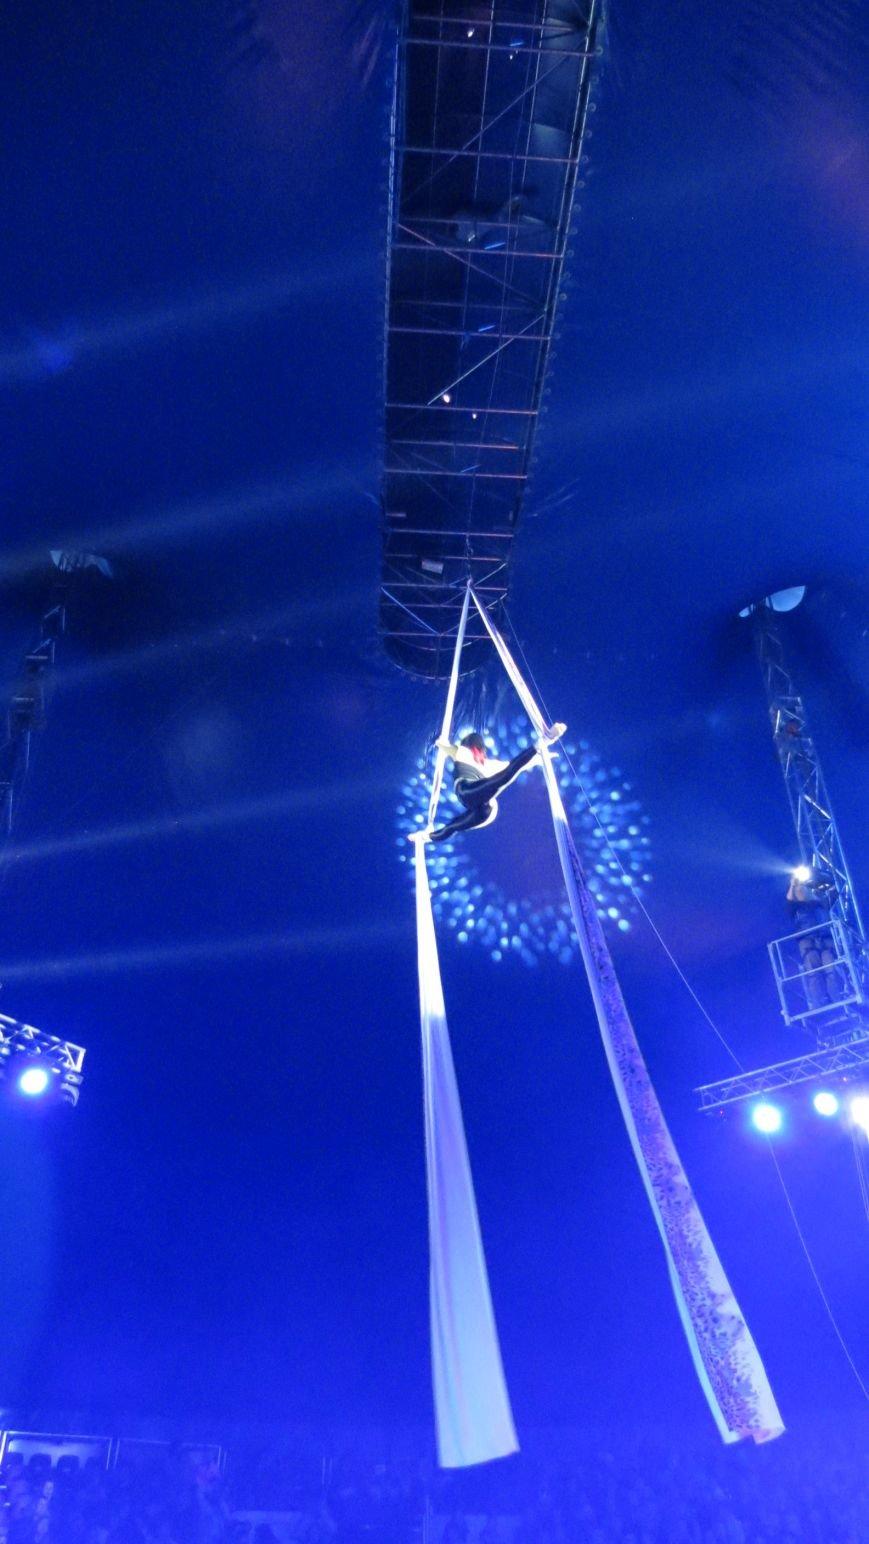 Италия приехала в Покровск: всемирно известный цирк «Кобзов» подарил горожанам 2 часа незабываемых эмоций, фото-28